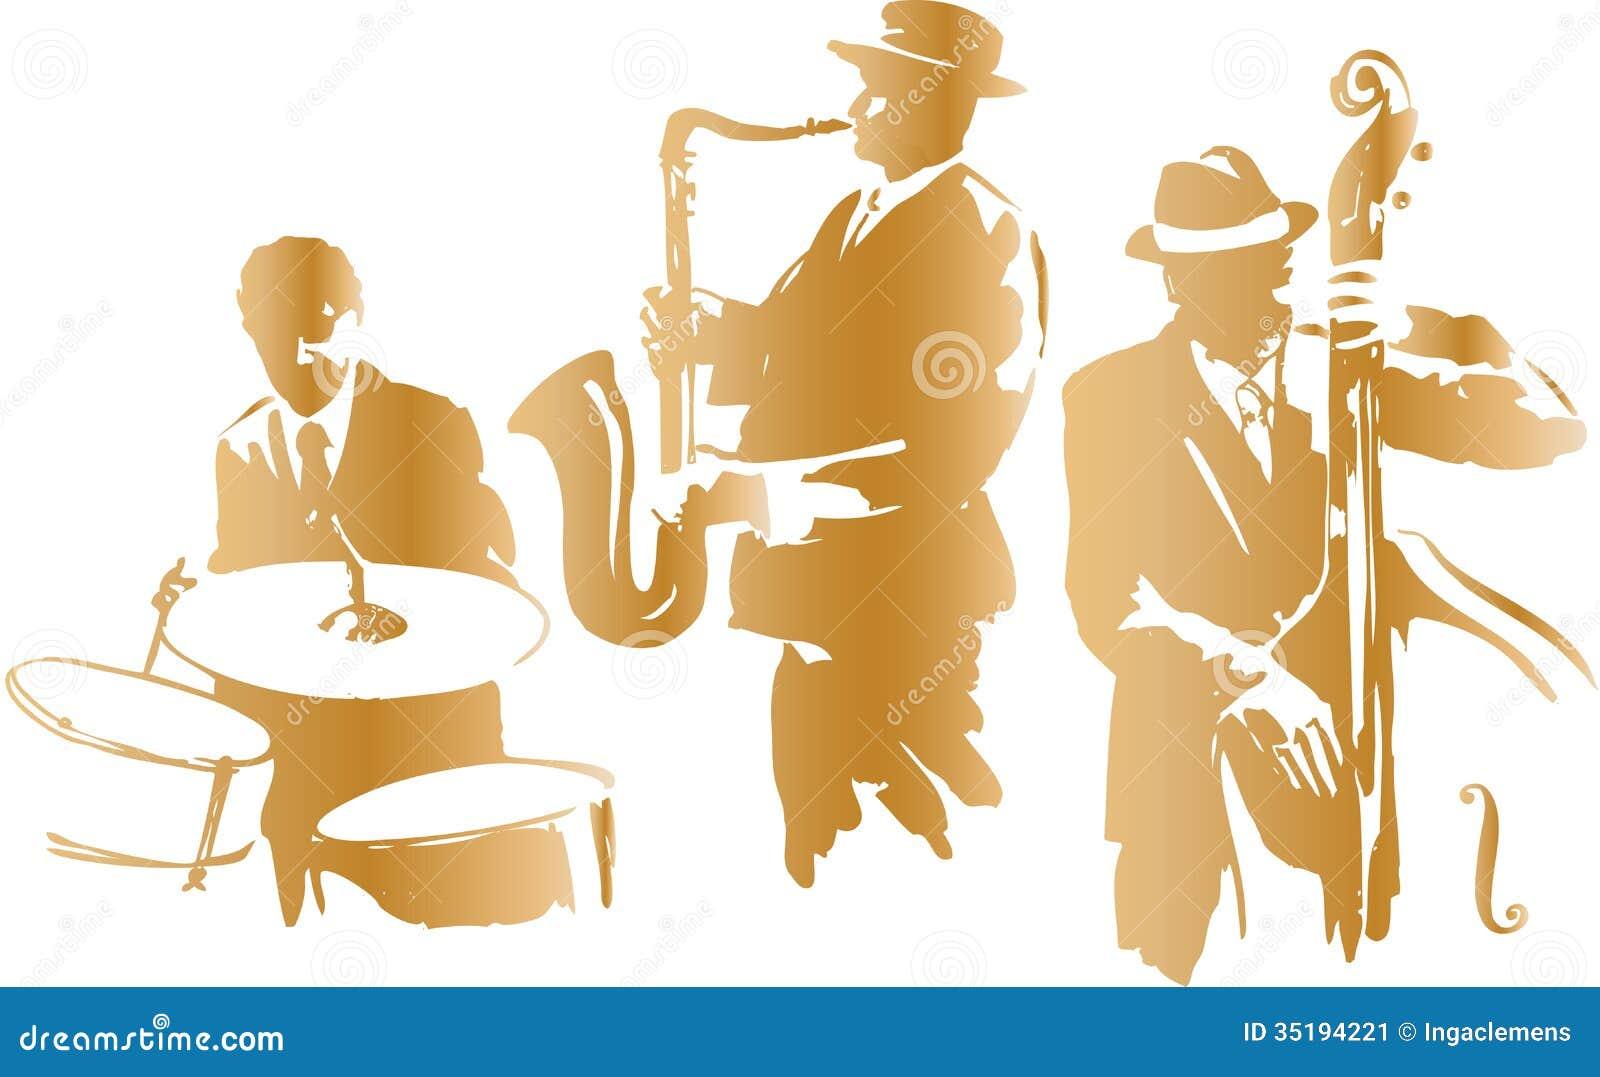 Stock Image: Jazz Trio. Image: 35194221